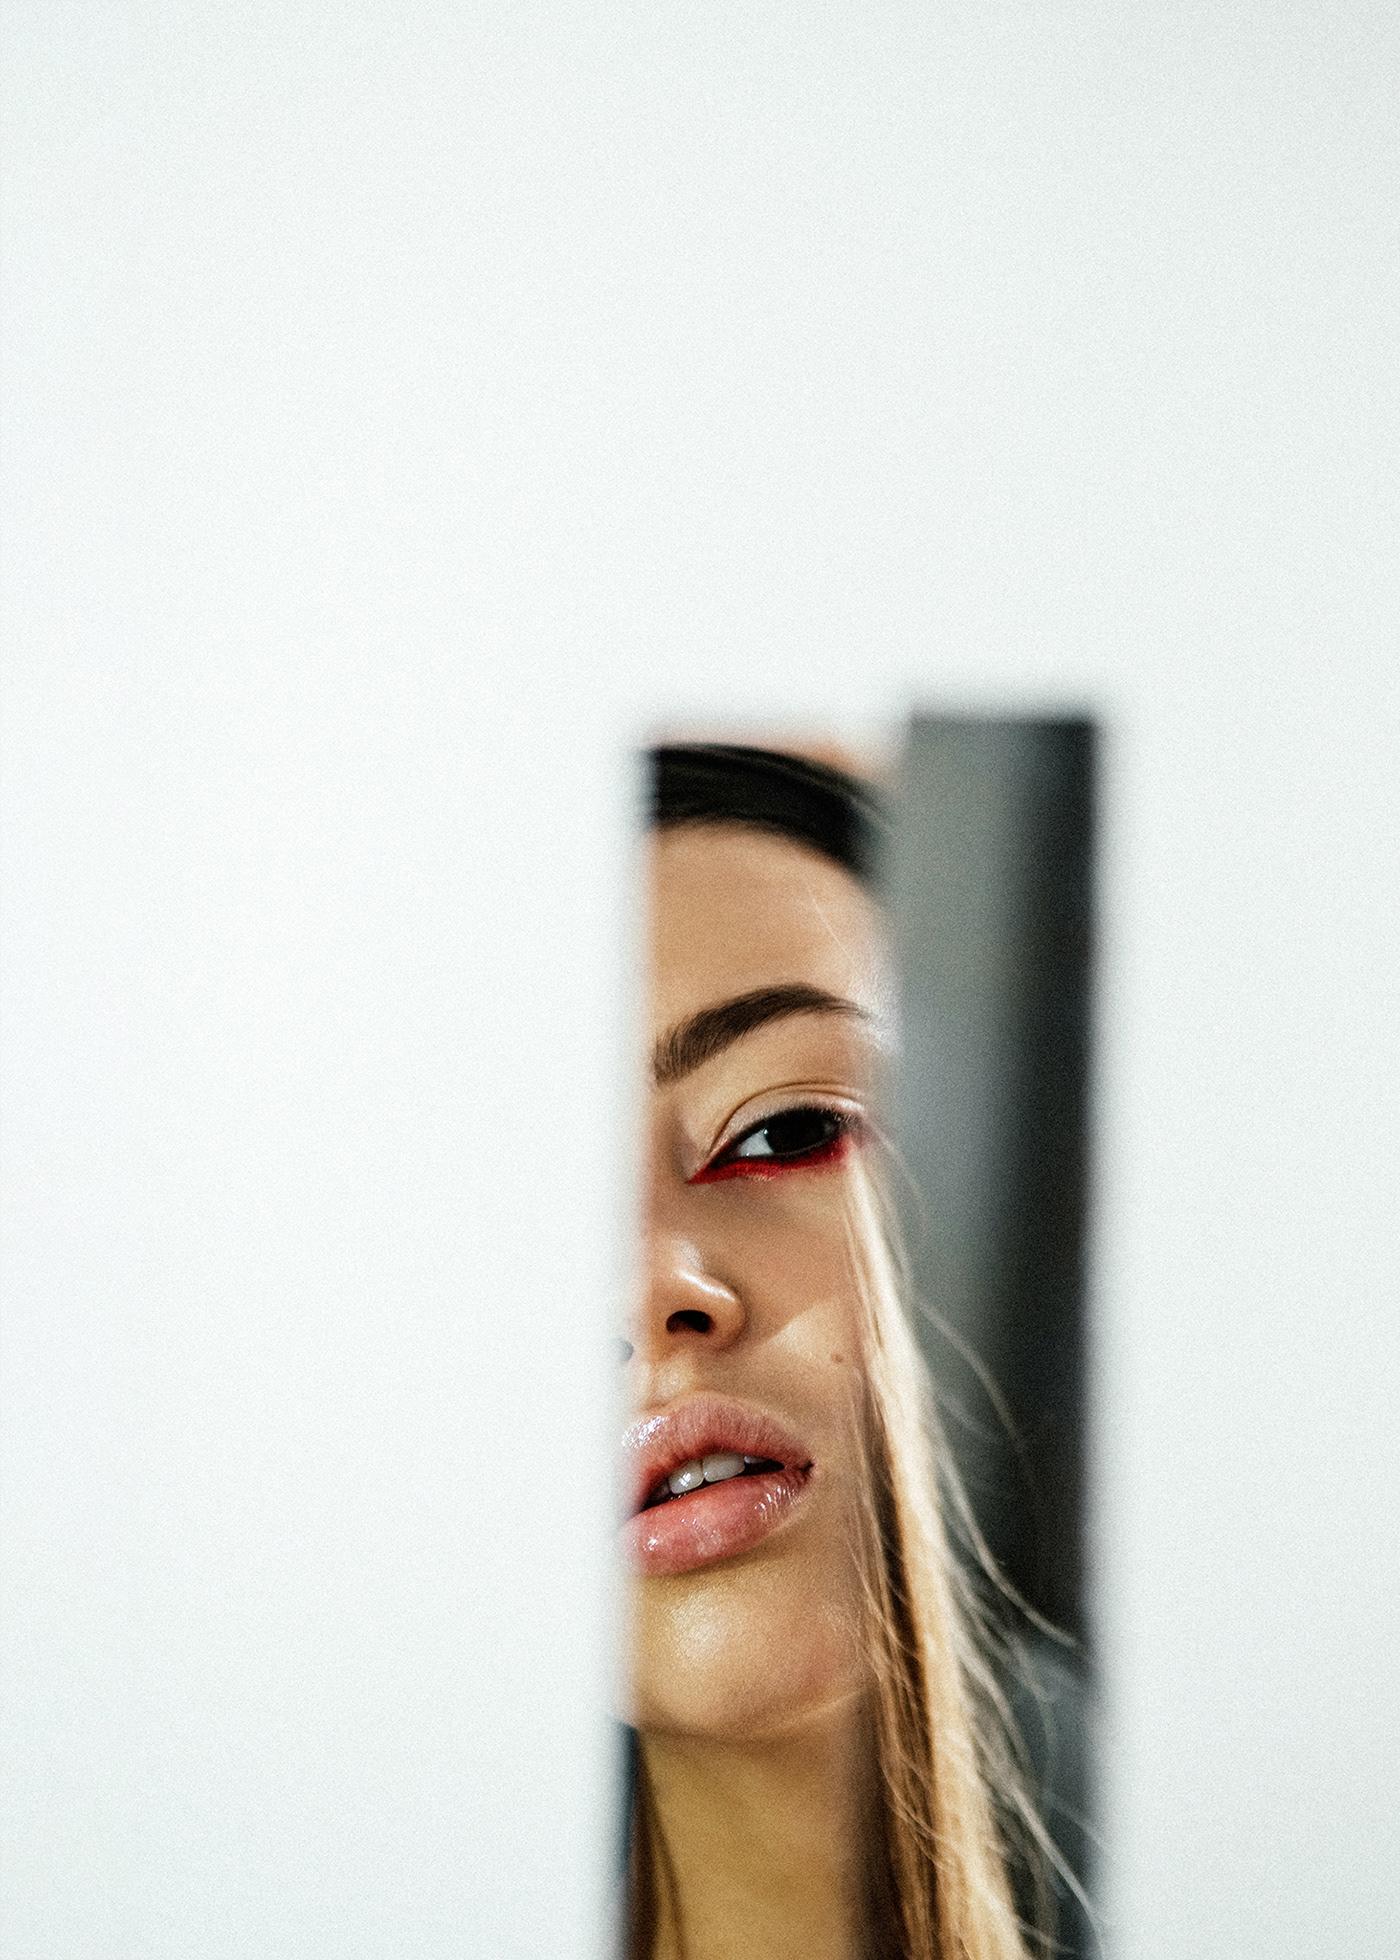 portrait portrait photography diamonds makeup video